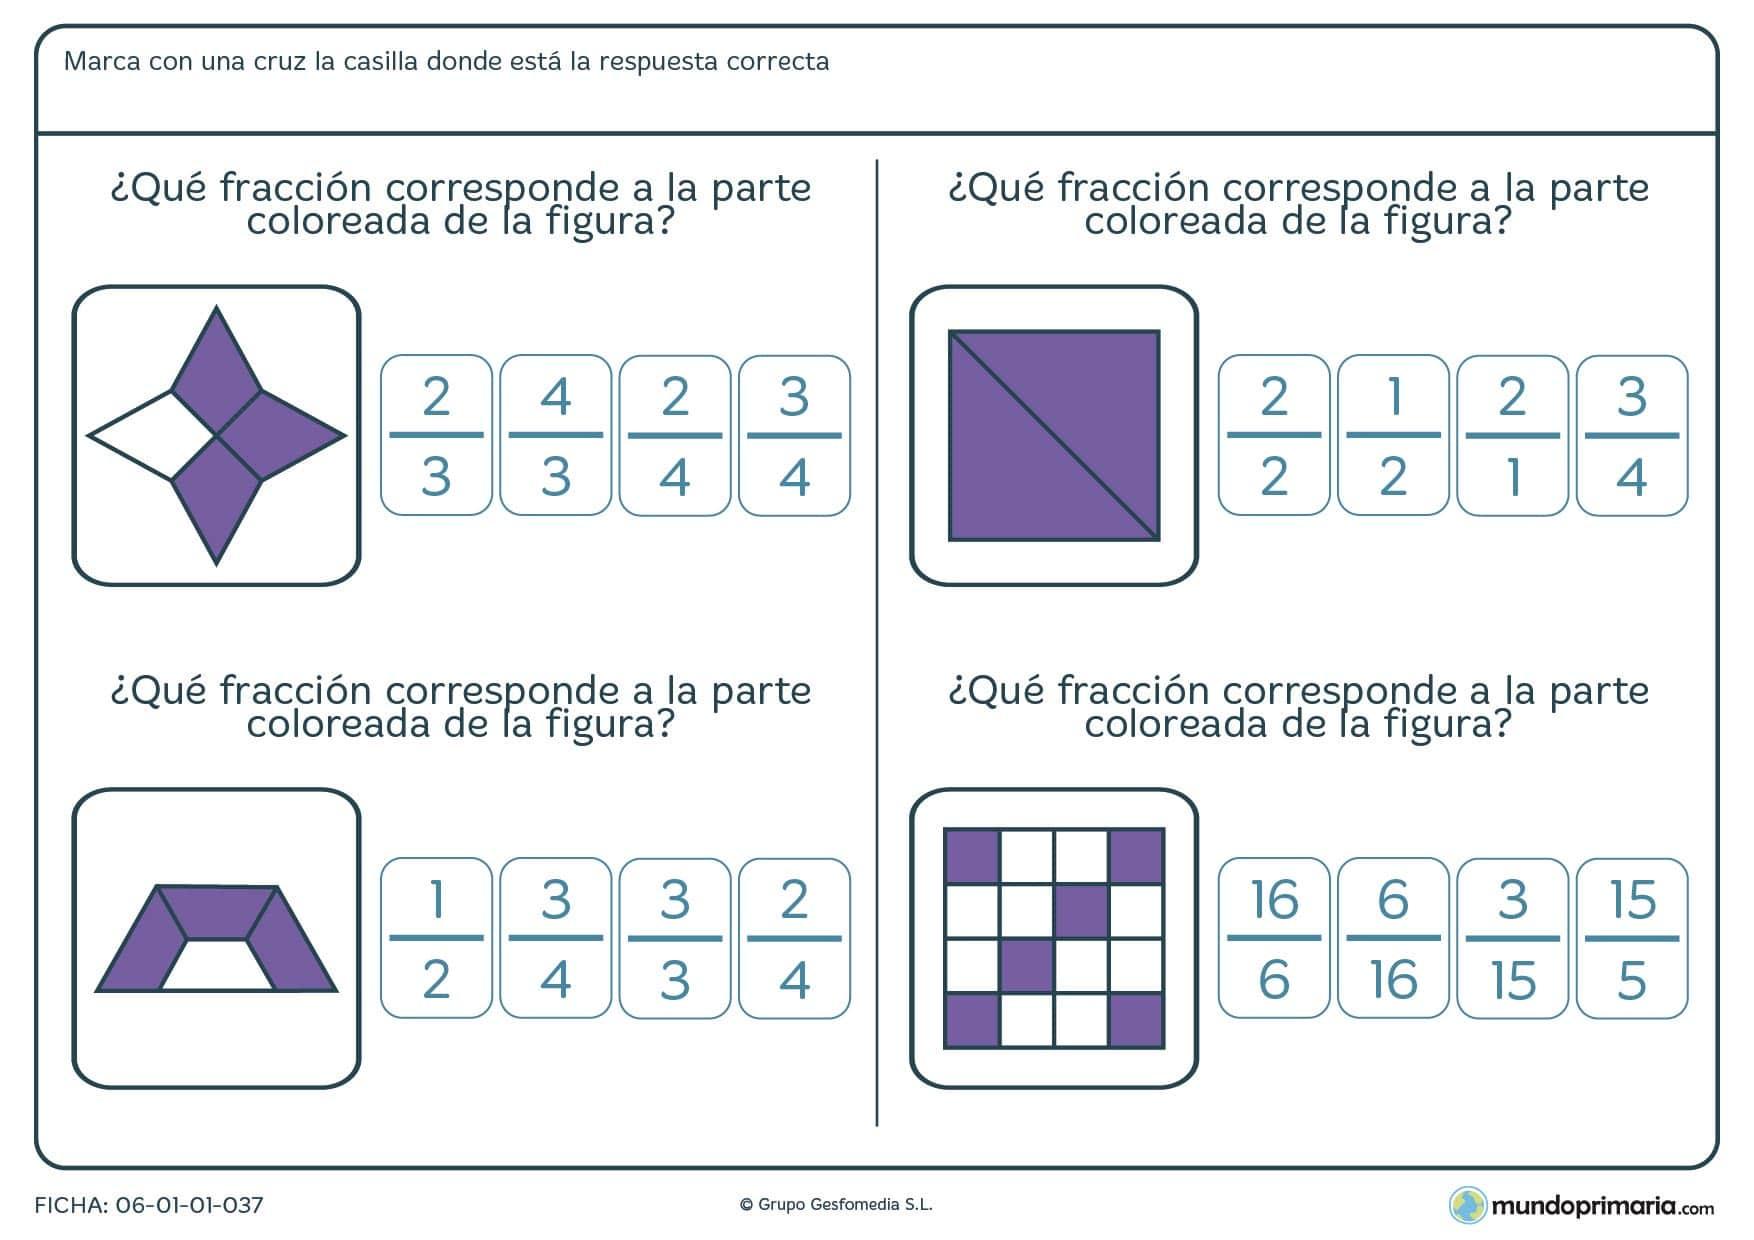 Ficha pensada para que los niños de cuarto de Primaria relacionen la parte coloreada y su fracción correspondiente